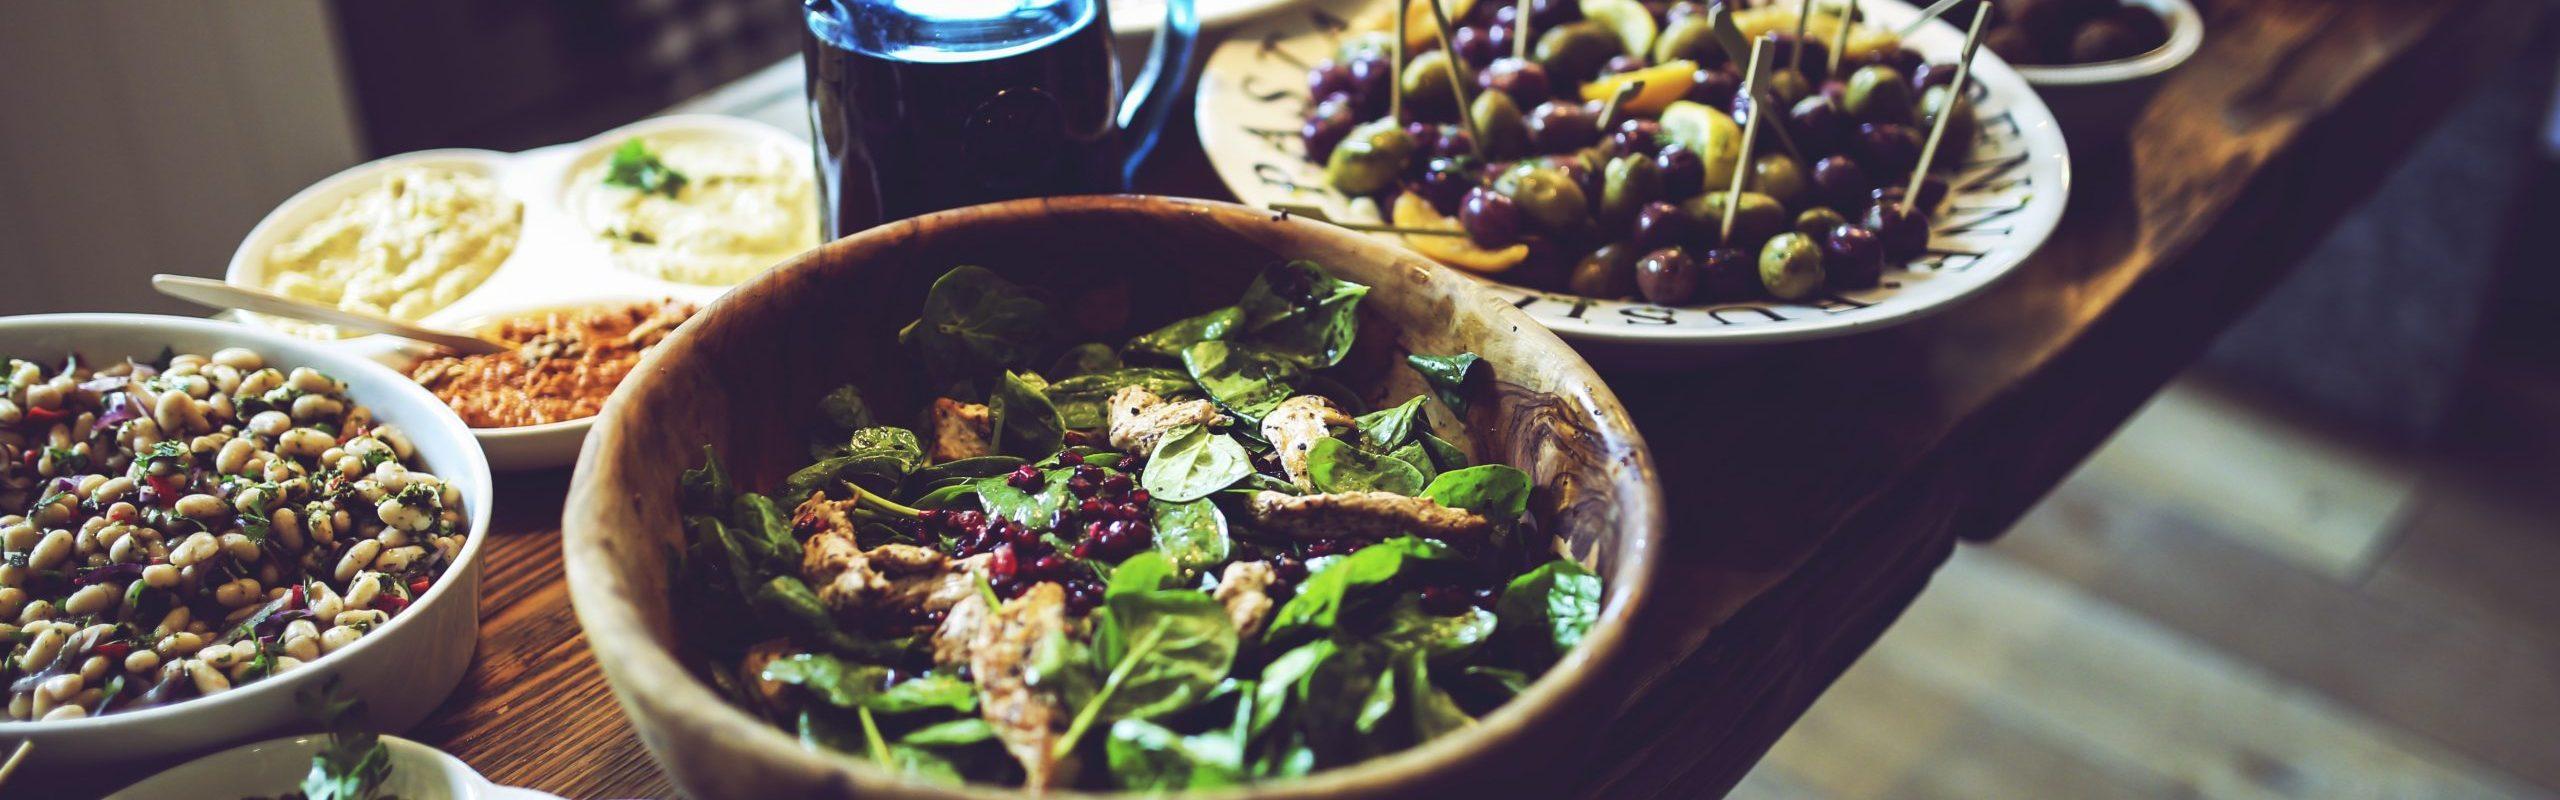 Frisch kochen und genießen